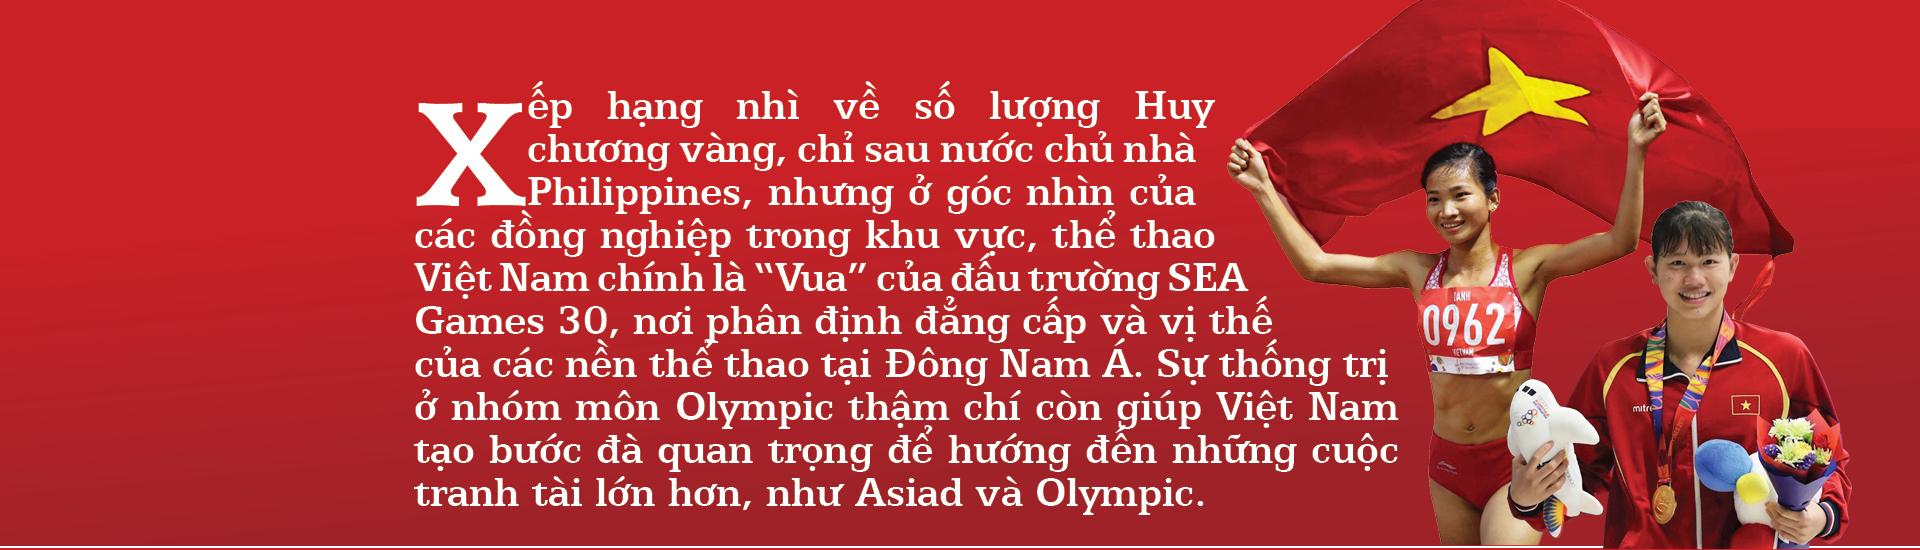 Thể thao Việt Nam - Kiêu hãnh đi về tương lai ảnh 1